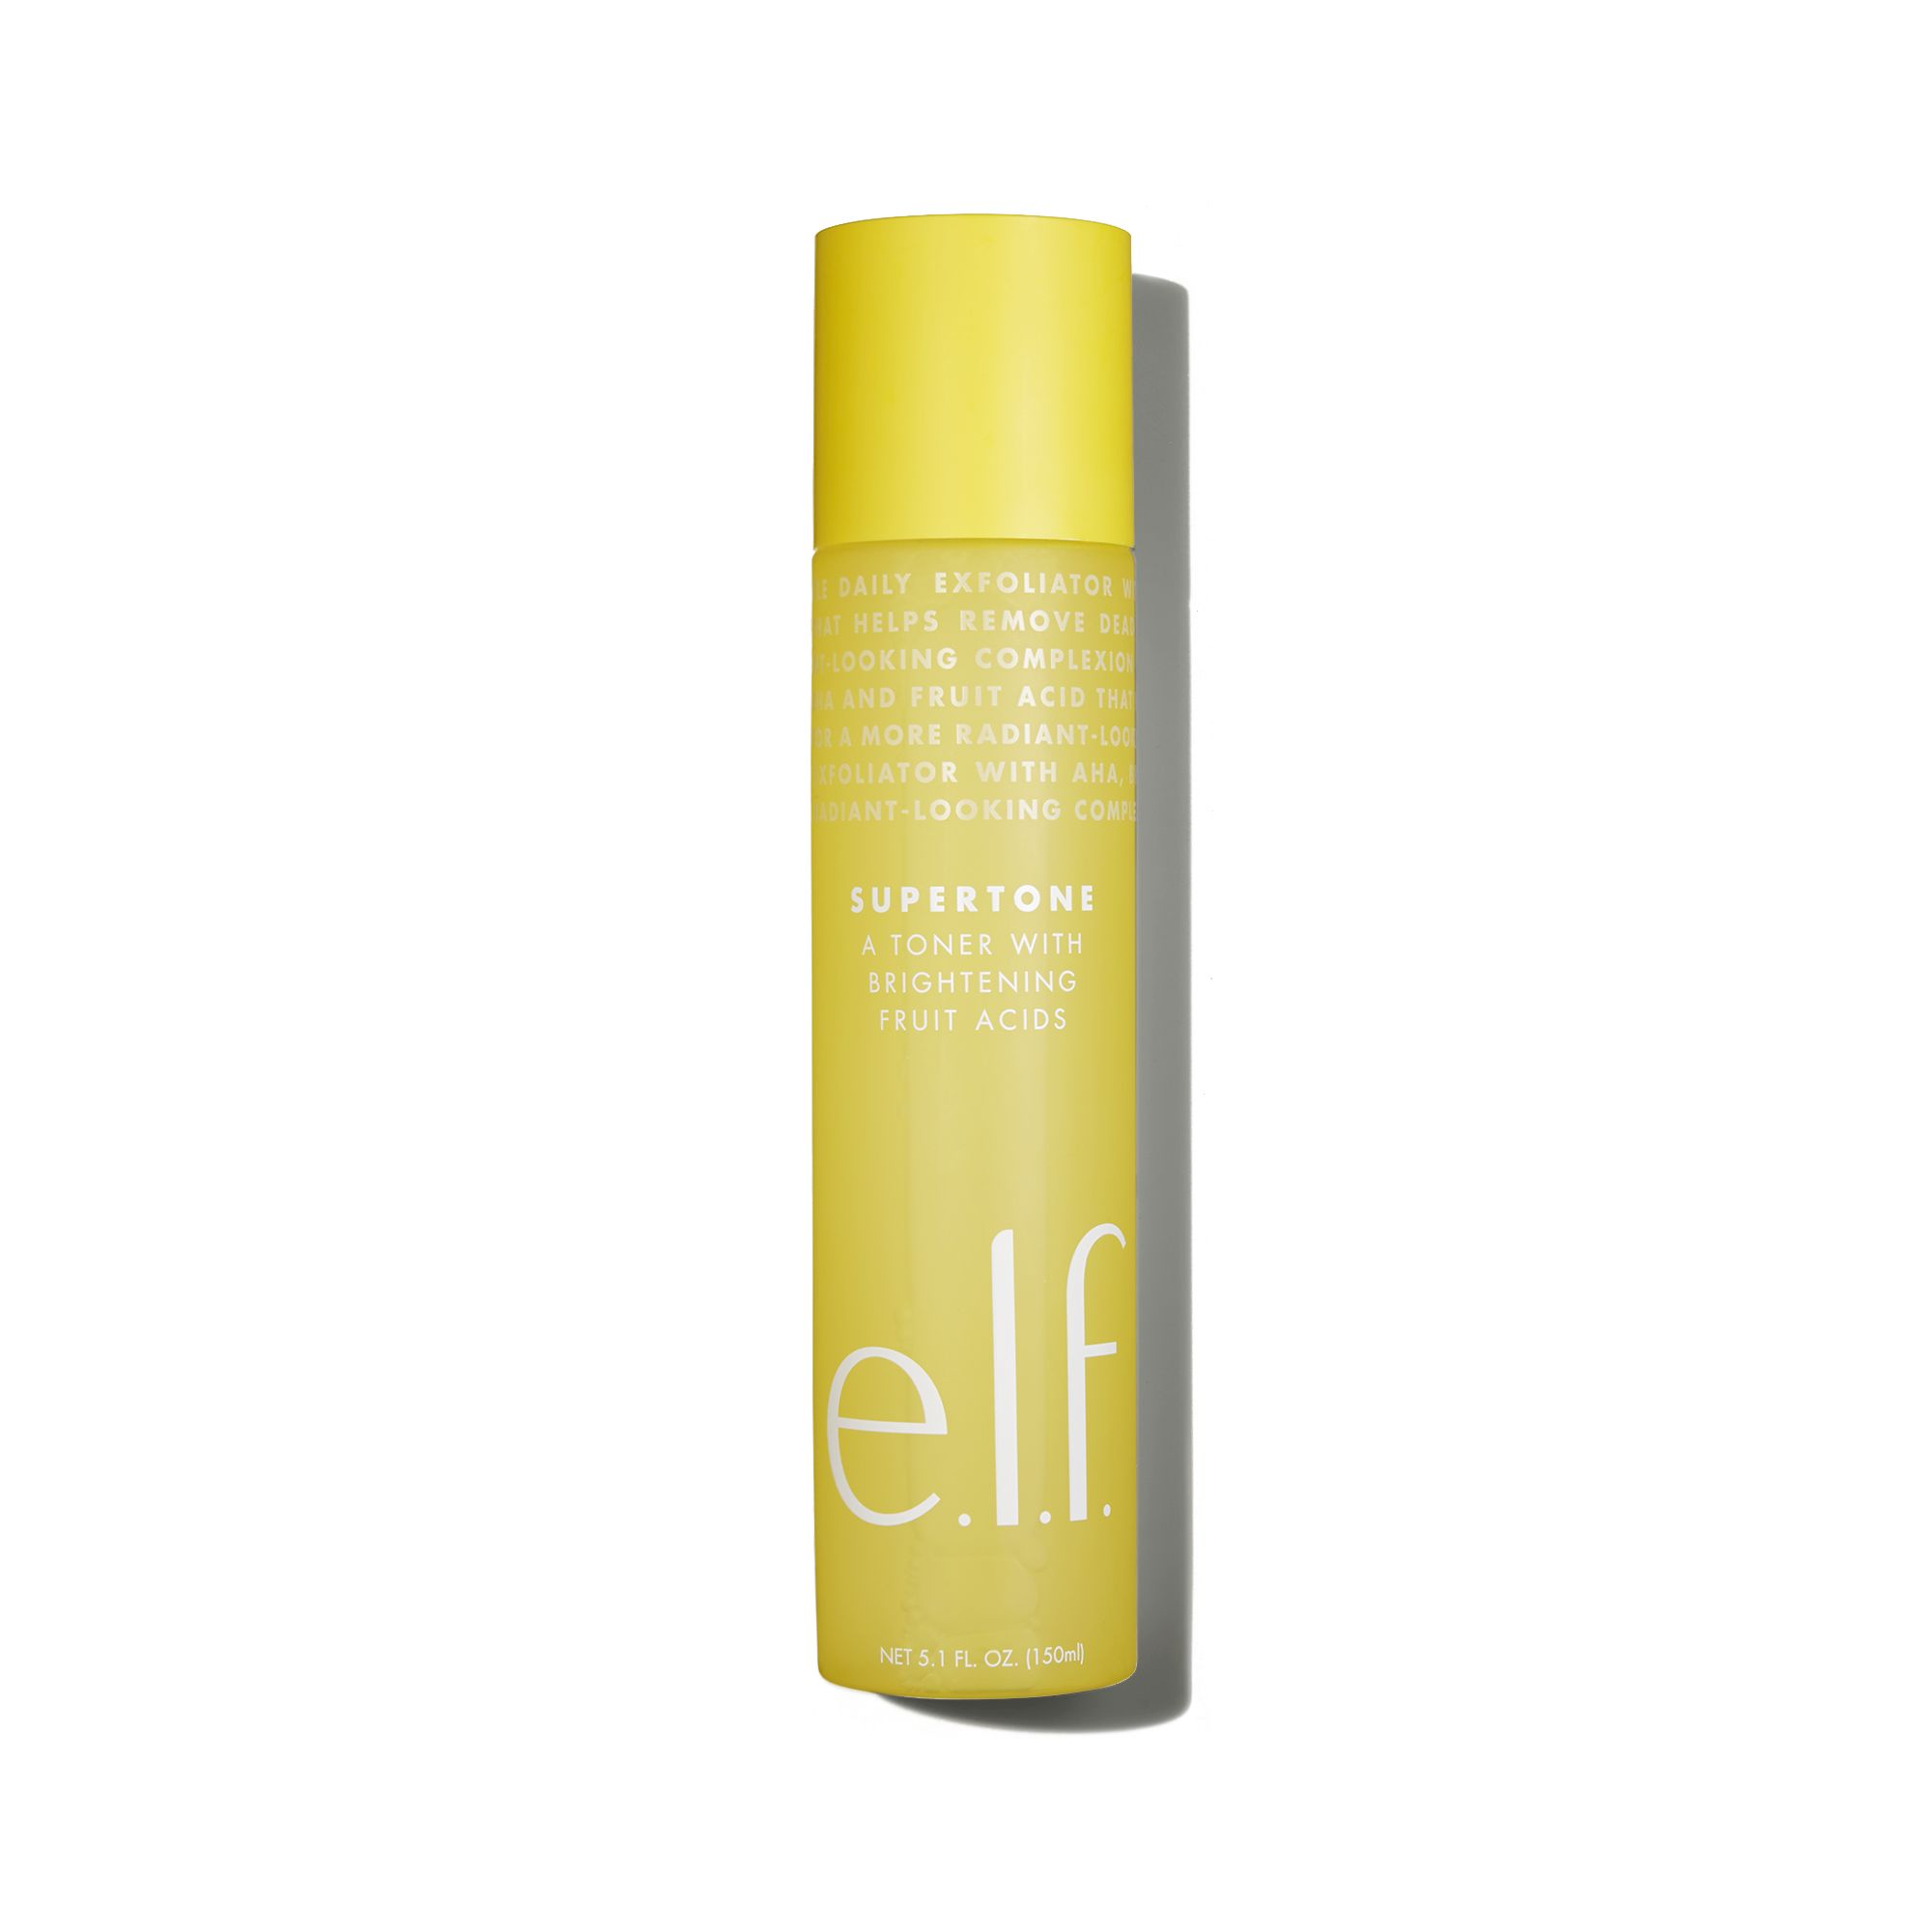 E.L.F.  Cosmetics Supertone Toner